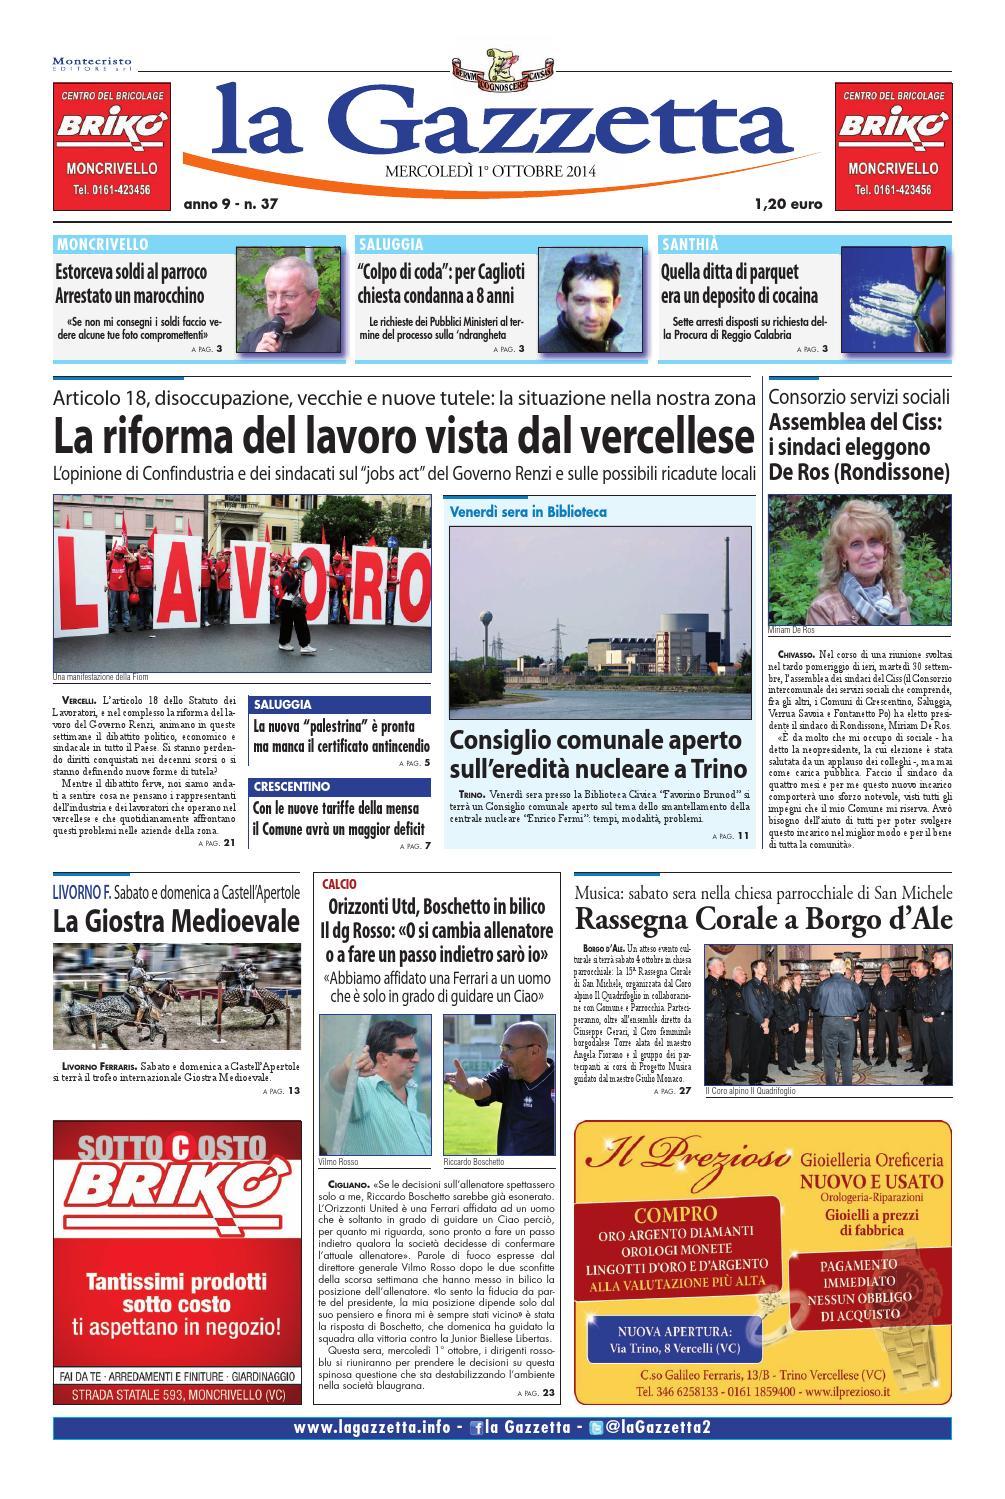 e9531249ba la Gazzetta 01 ottobre 2014 by La Gazzetta - issuu